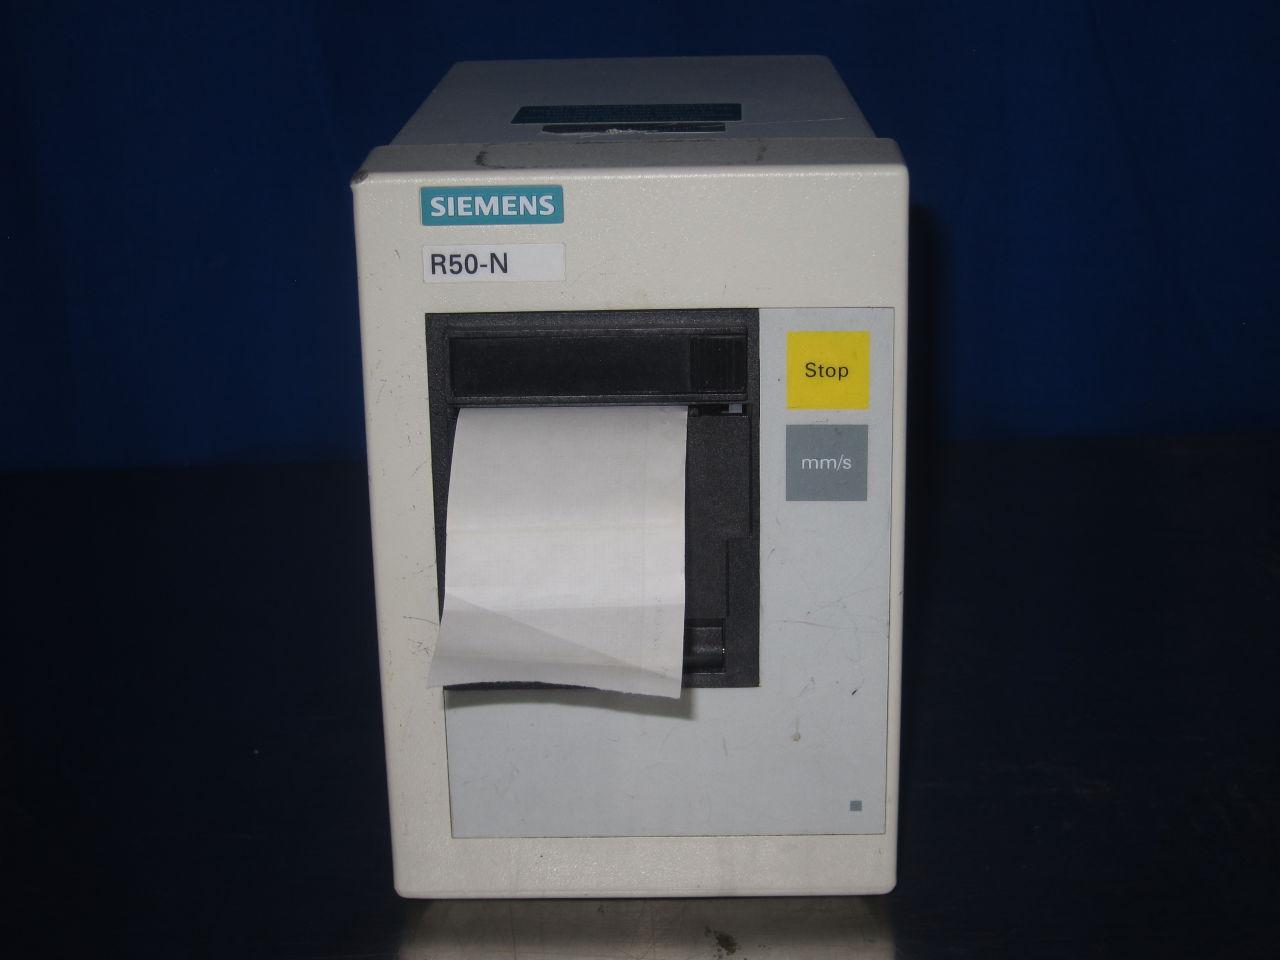 SIEMENS R50-N Printer Module